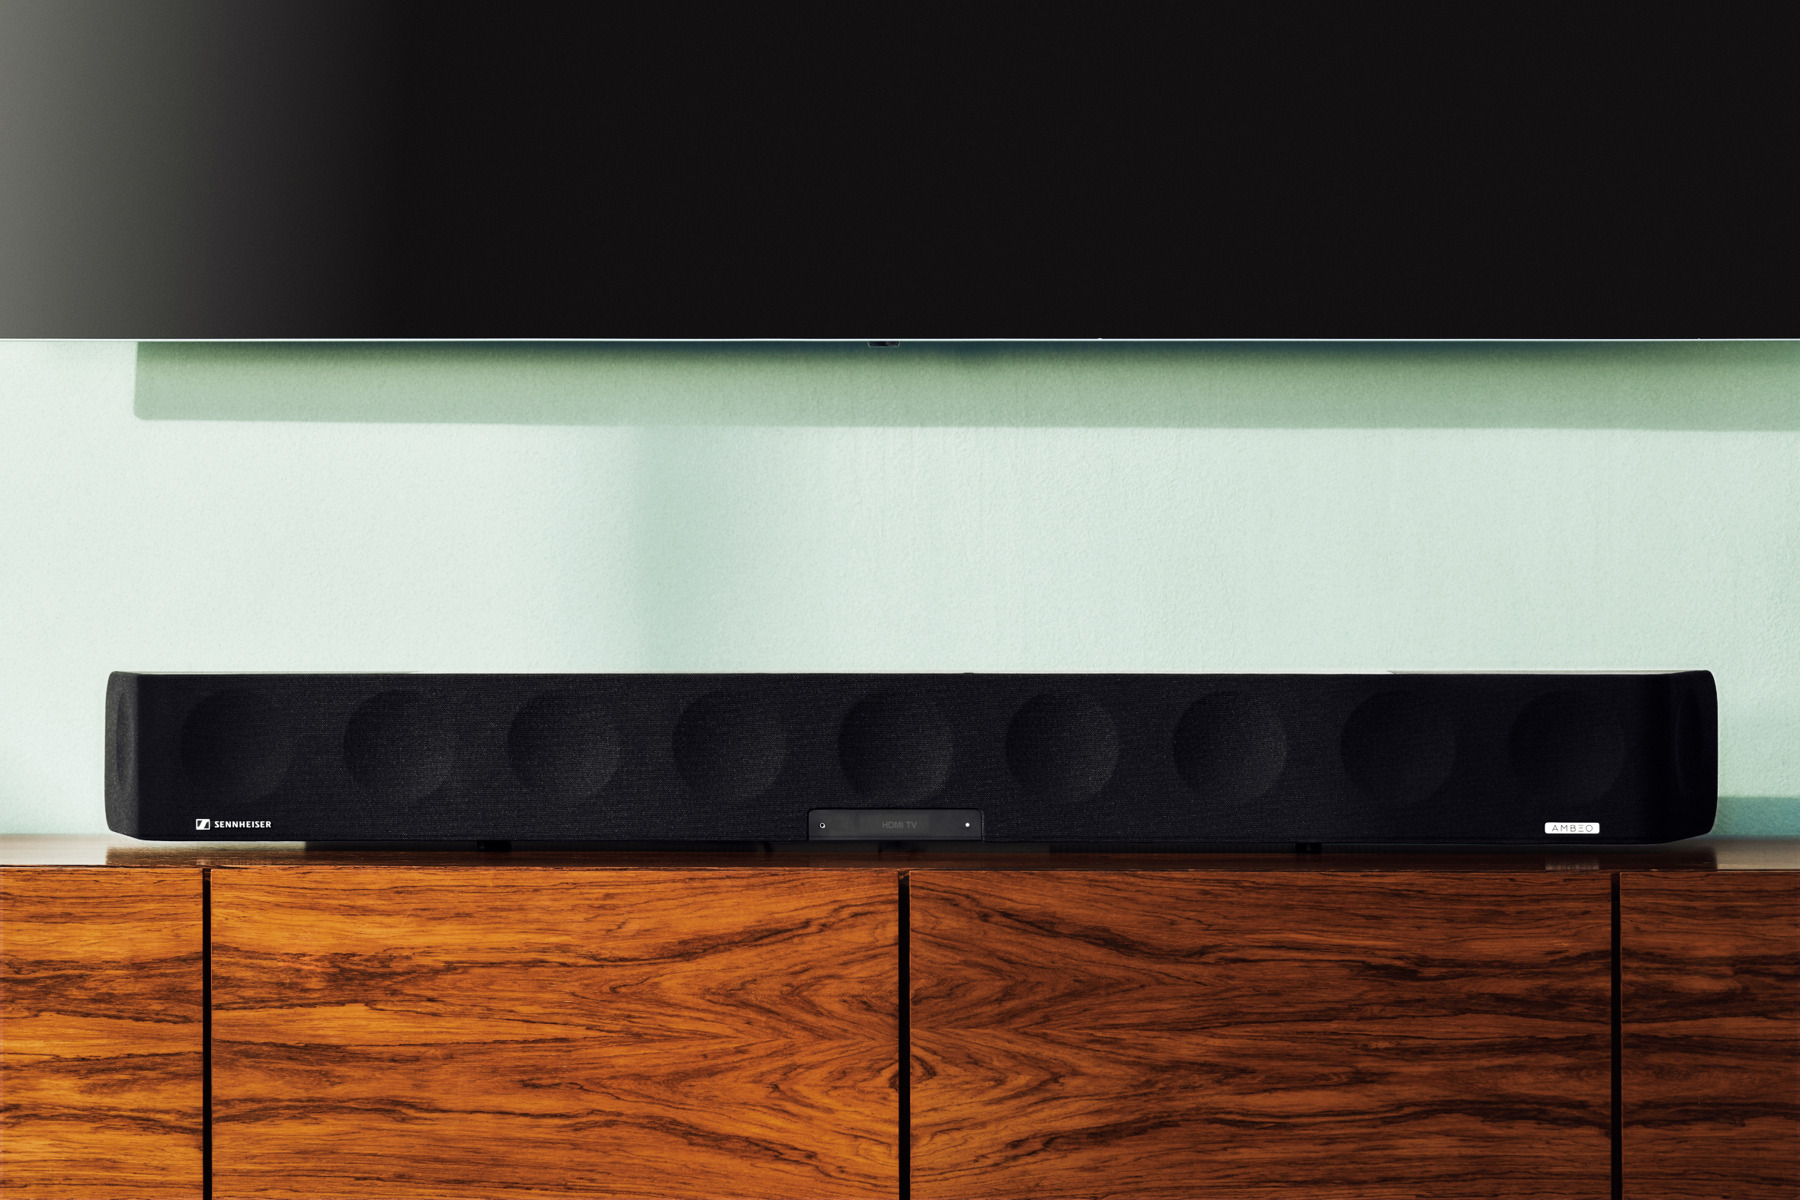 Sennheiser lanserer etterlengtet AMBEO Soundbar med prisvinnende 3D-lyd